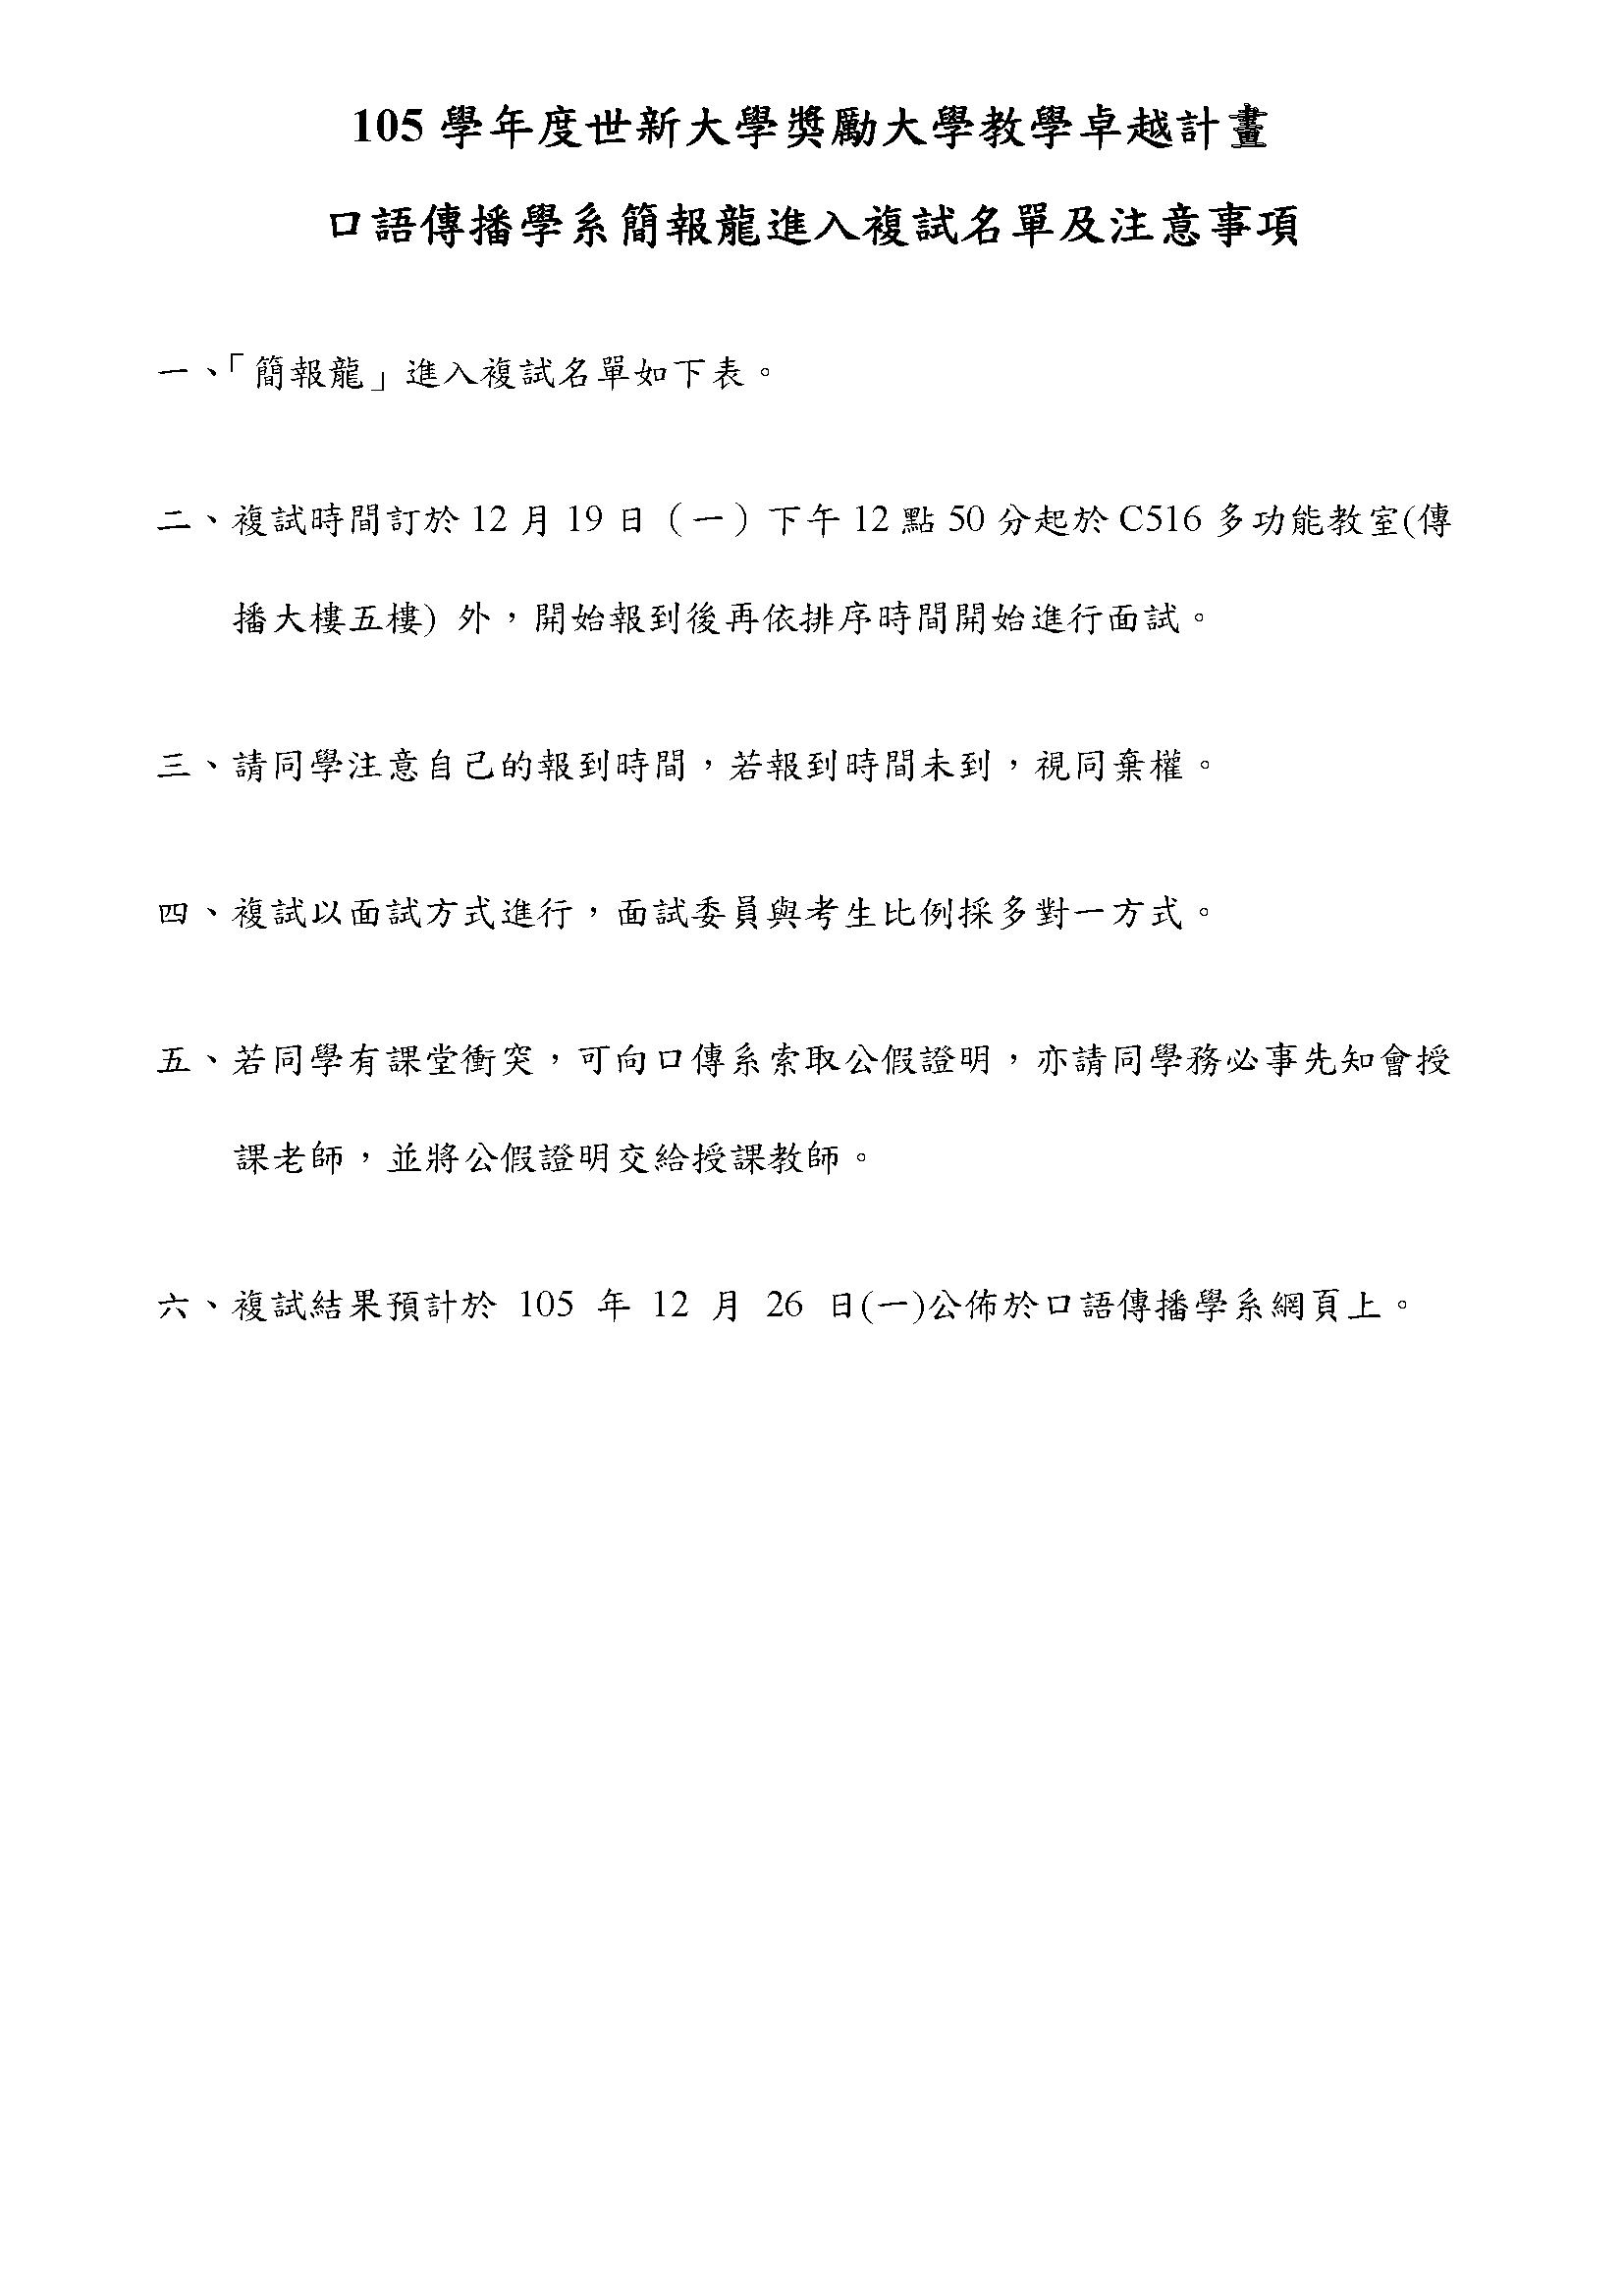 簡報龍複試名單(公布版)_頁面_1